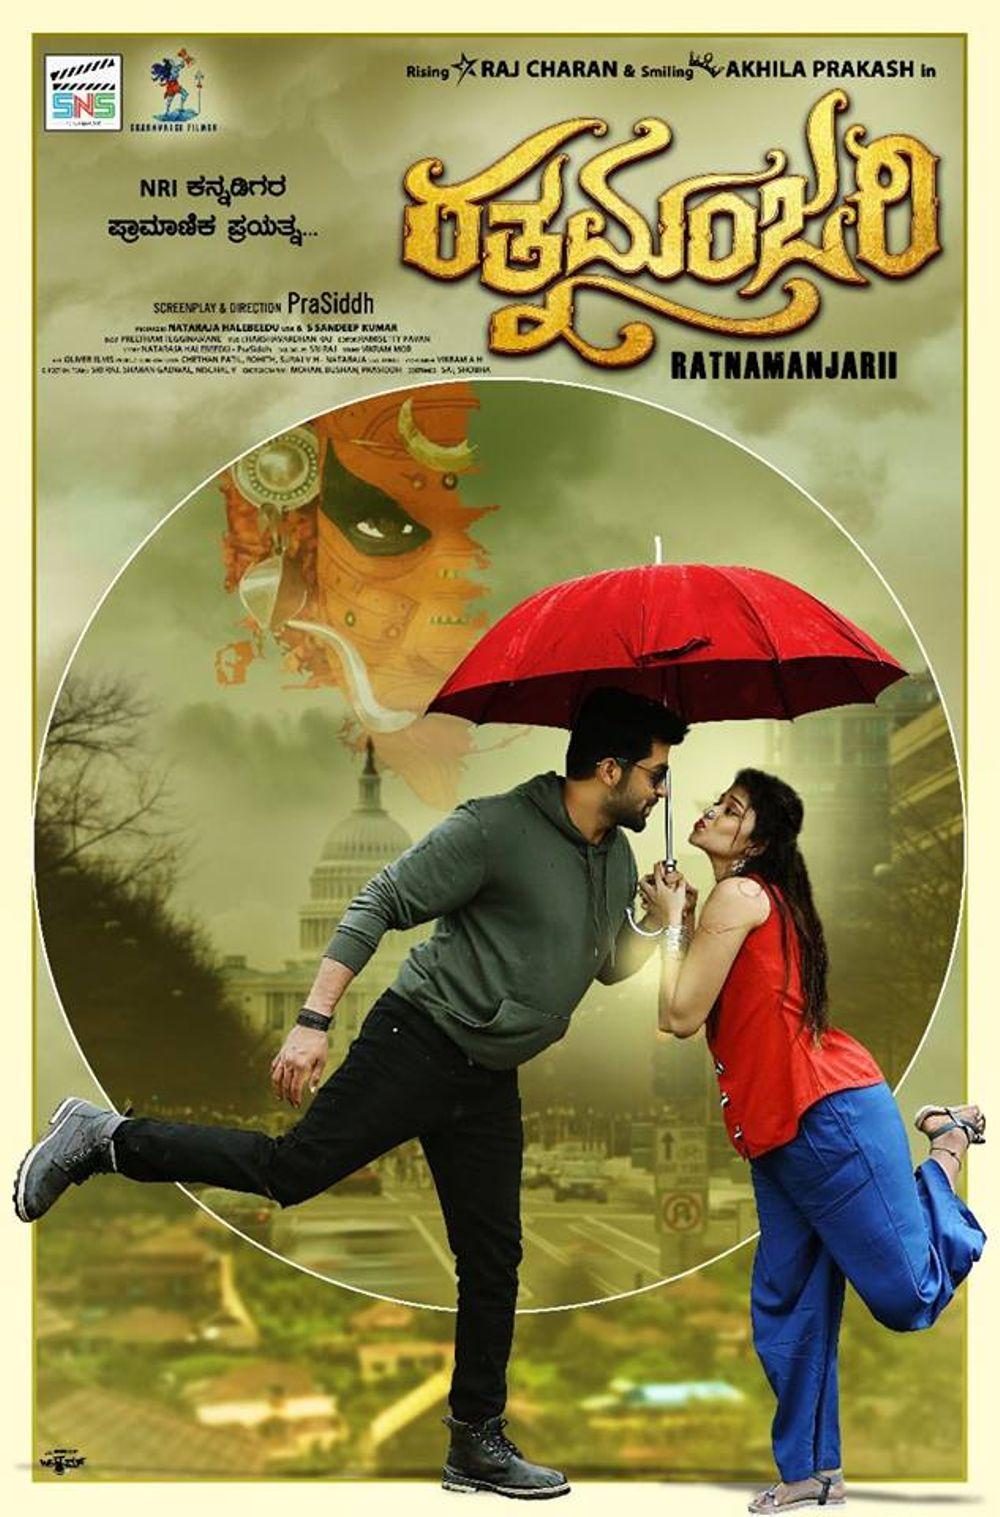 Ratnamanjari Movie Review